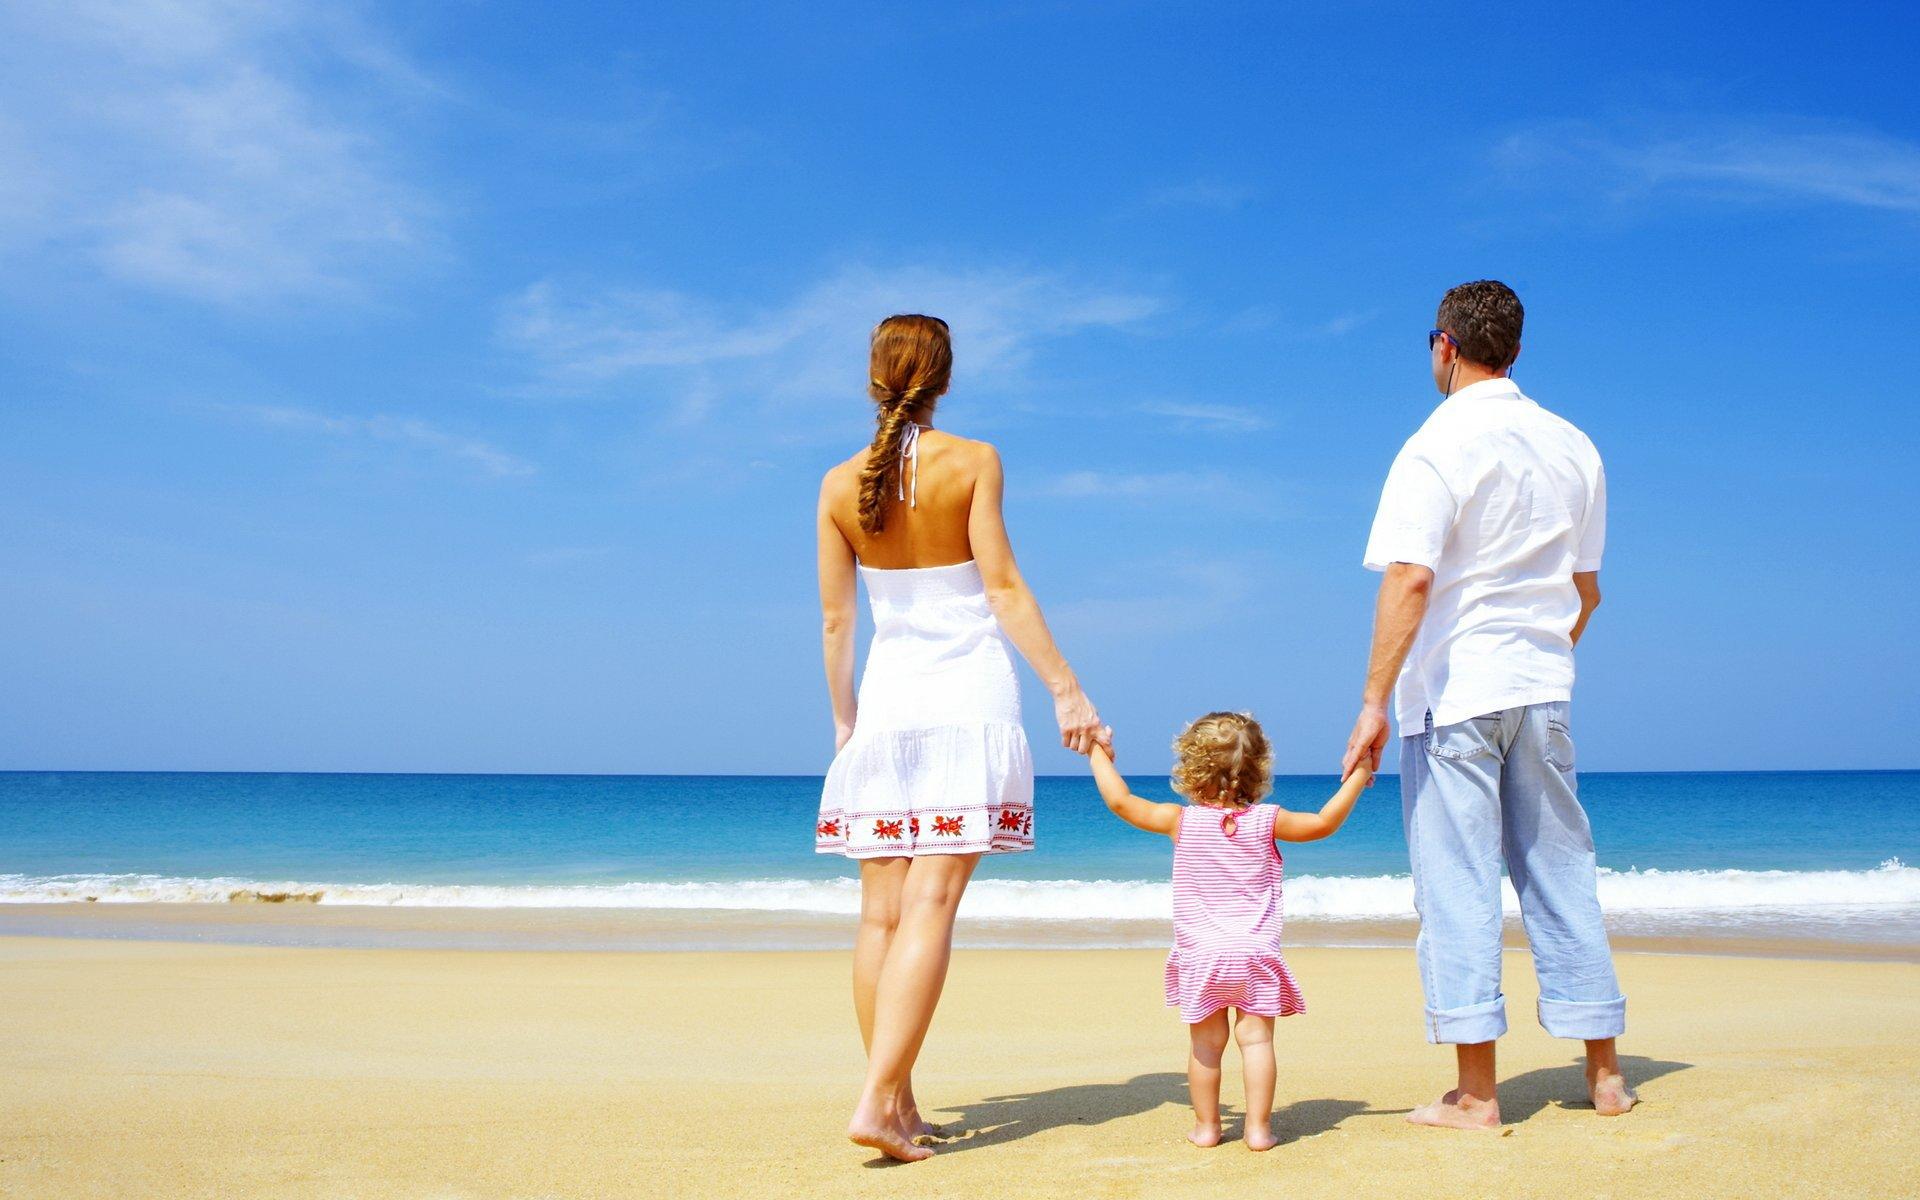 Семьями на пляже 7 фотография